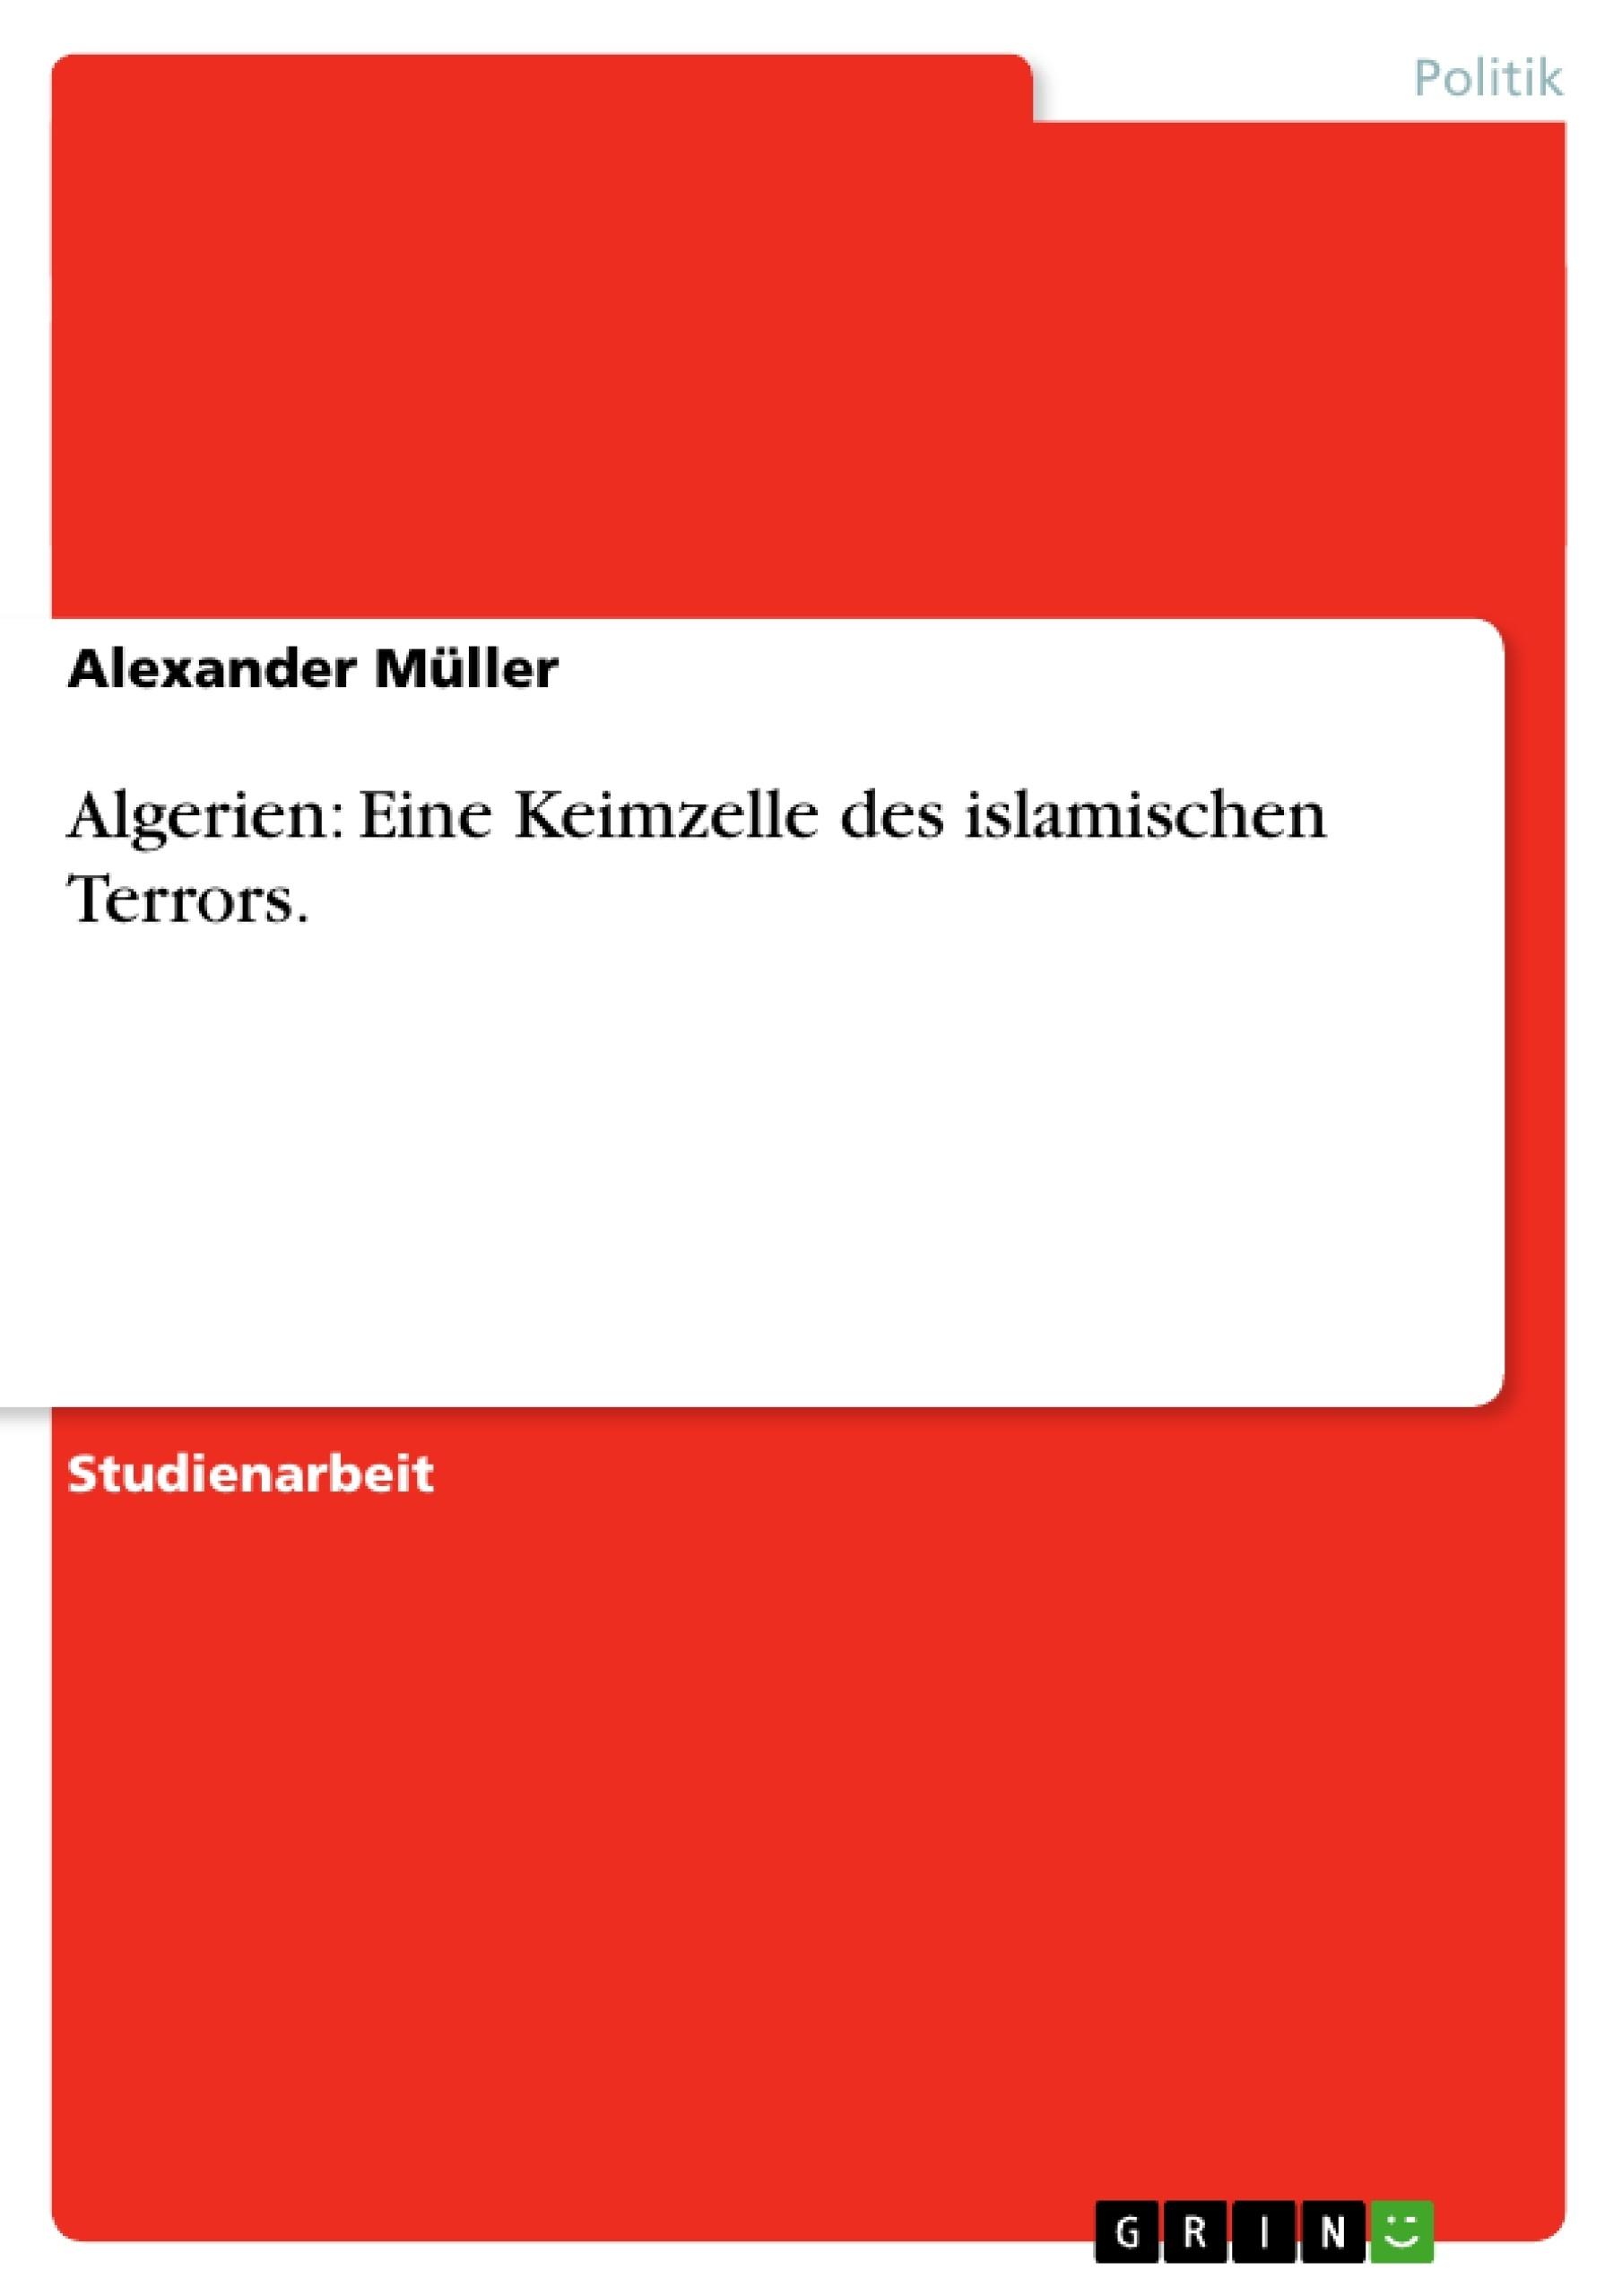 Titel: Algerien: Eine Keimzelle des islamischen Terrors.